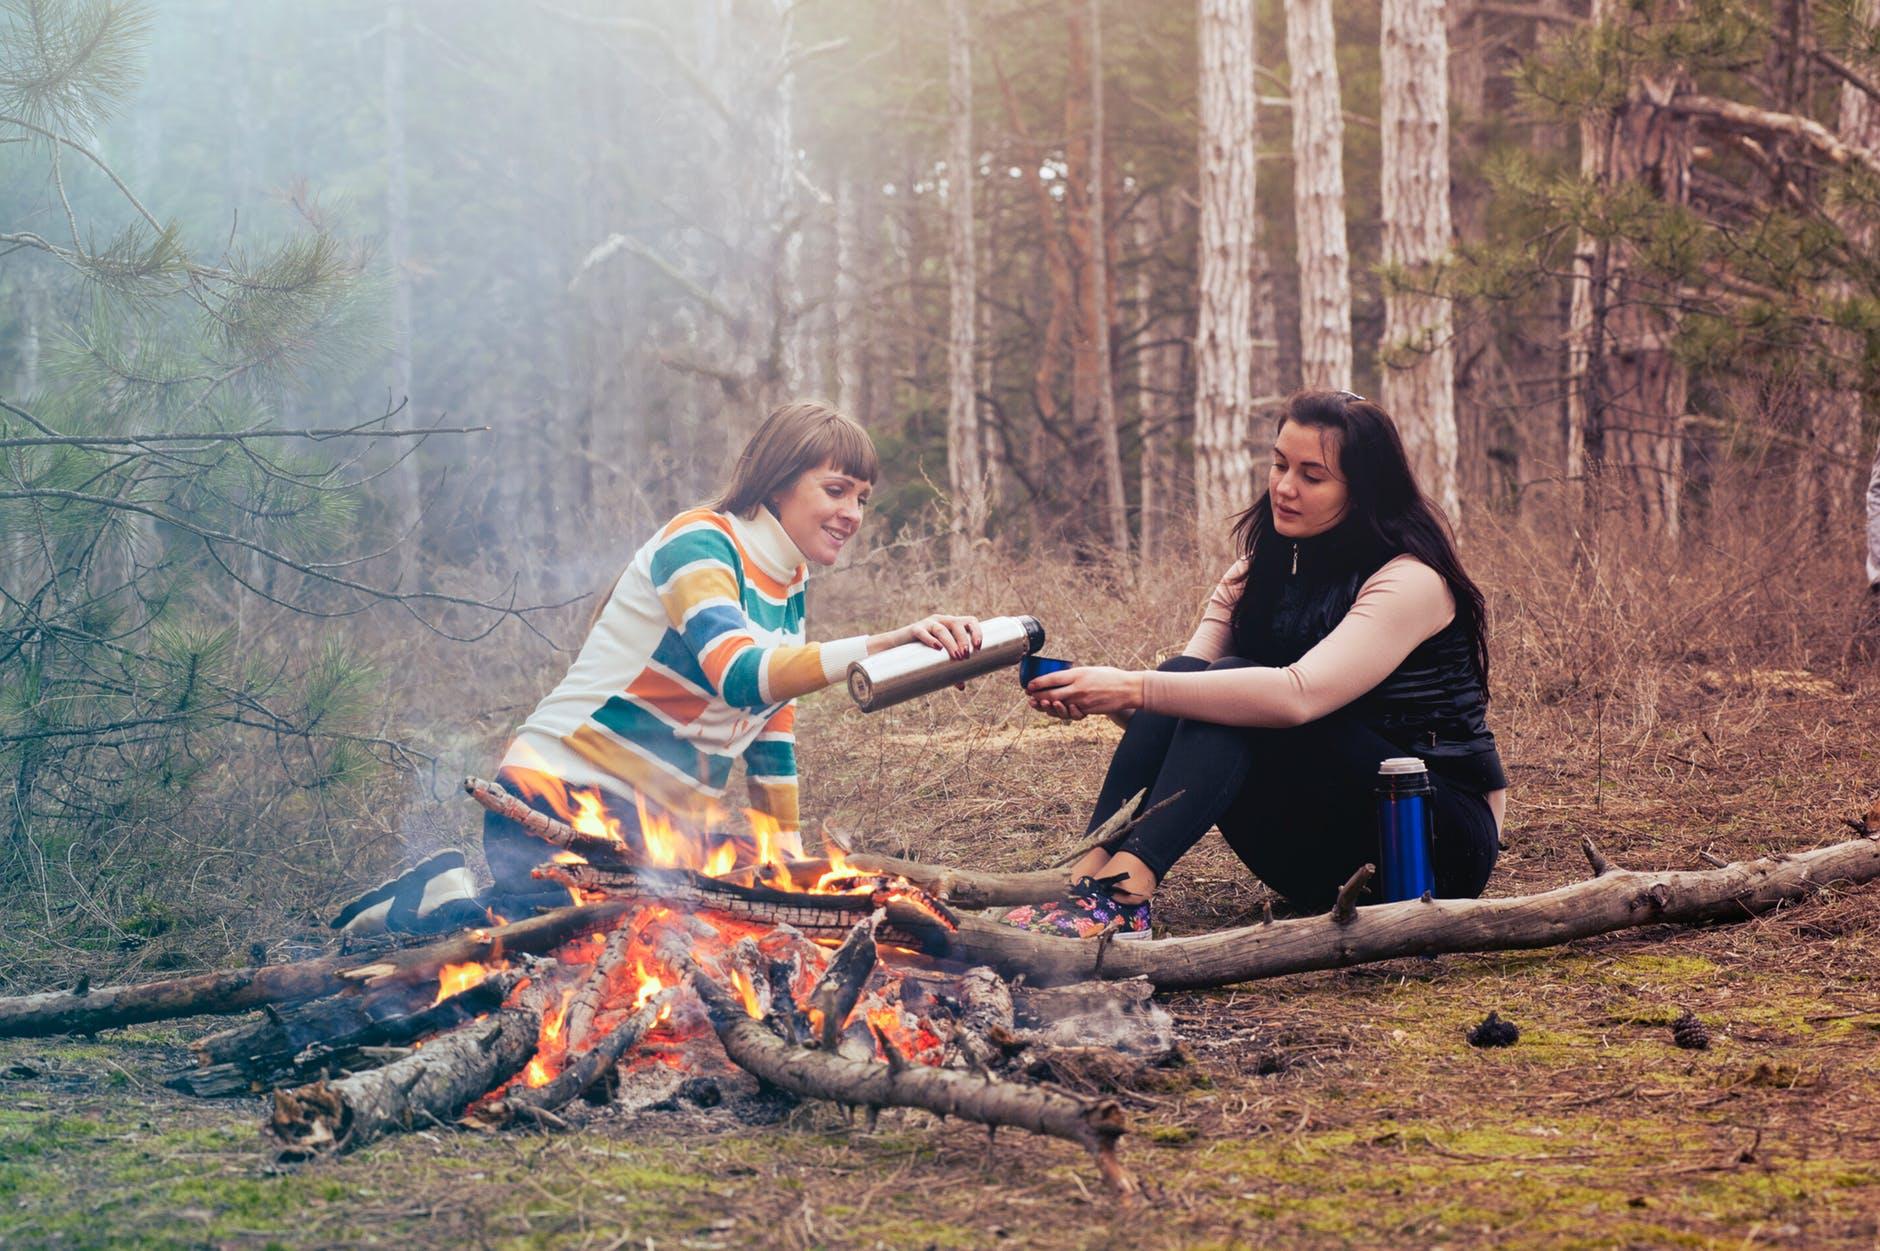 Twee vrouwen zitten bij een kampvuur en schenken een kop thee in uit een thermosfles